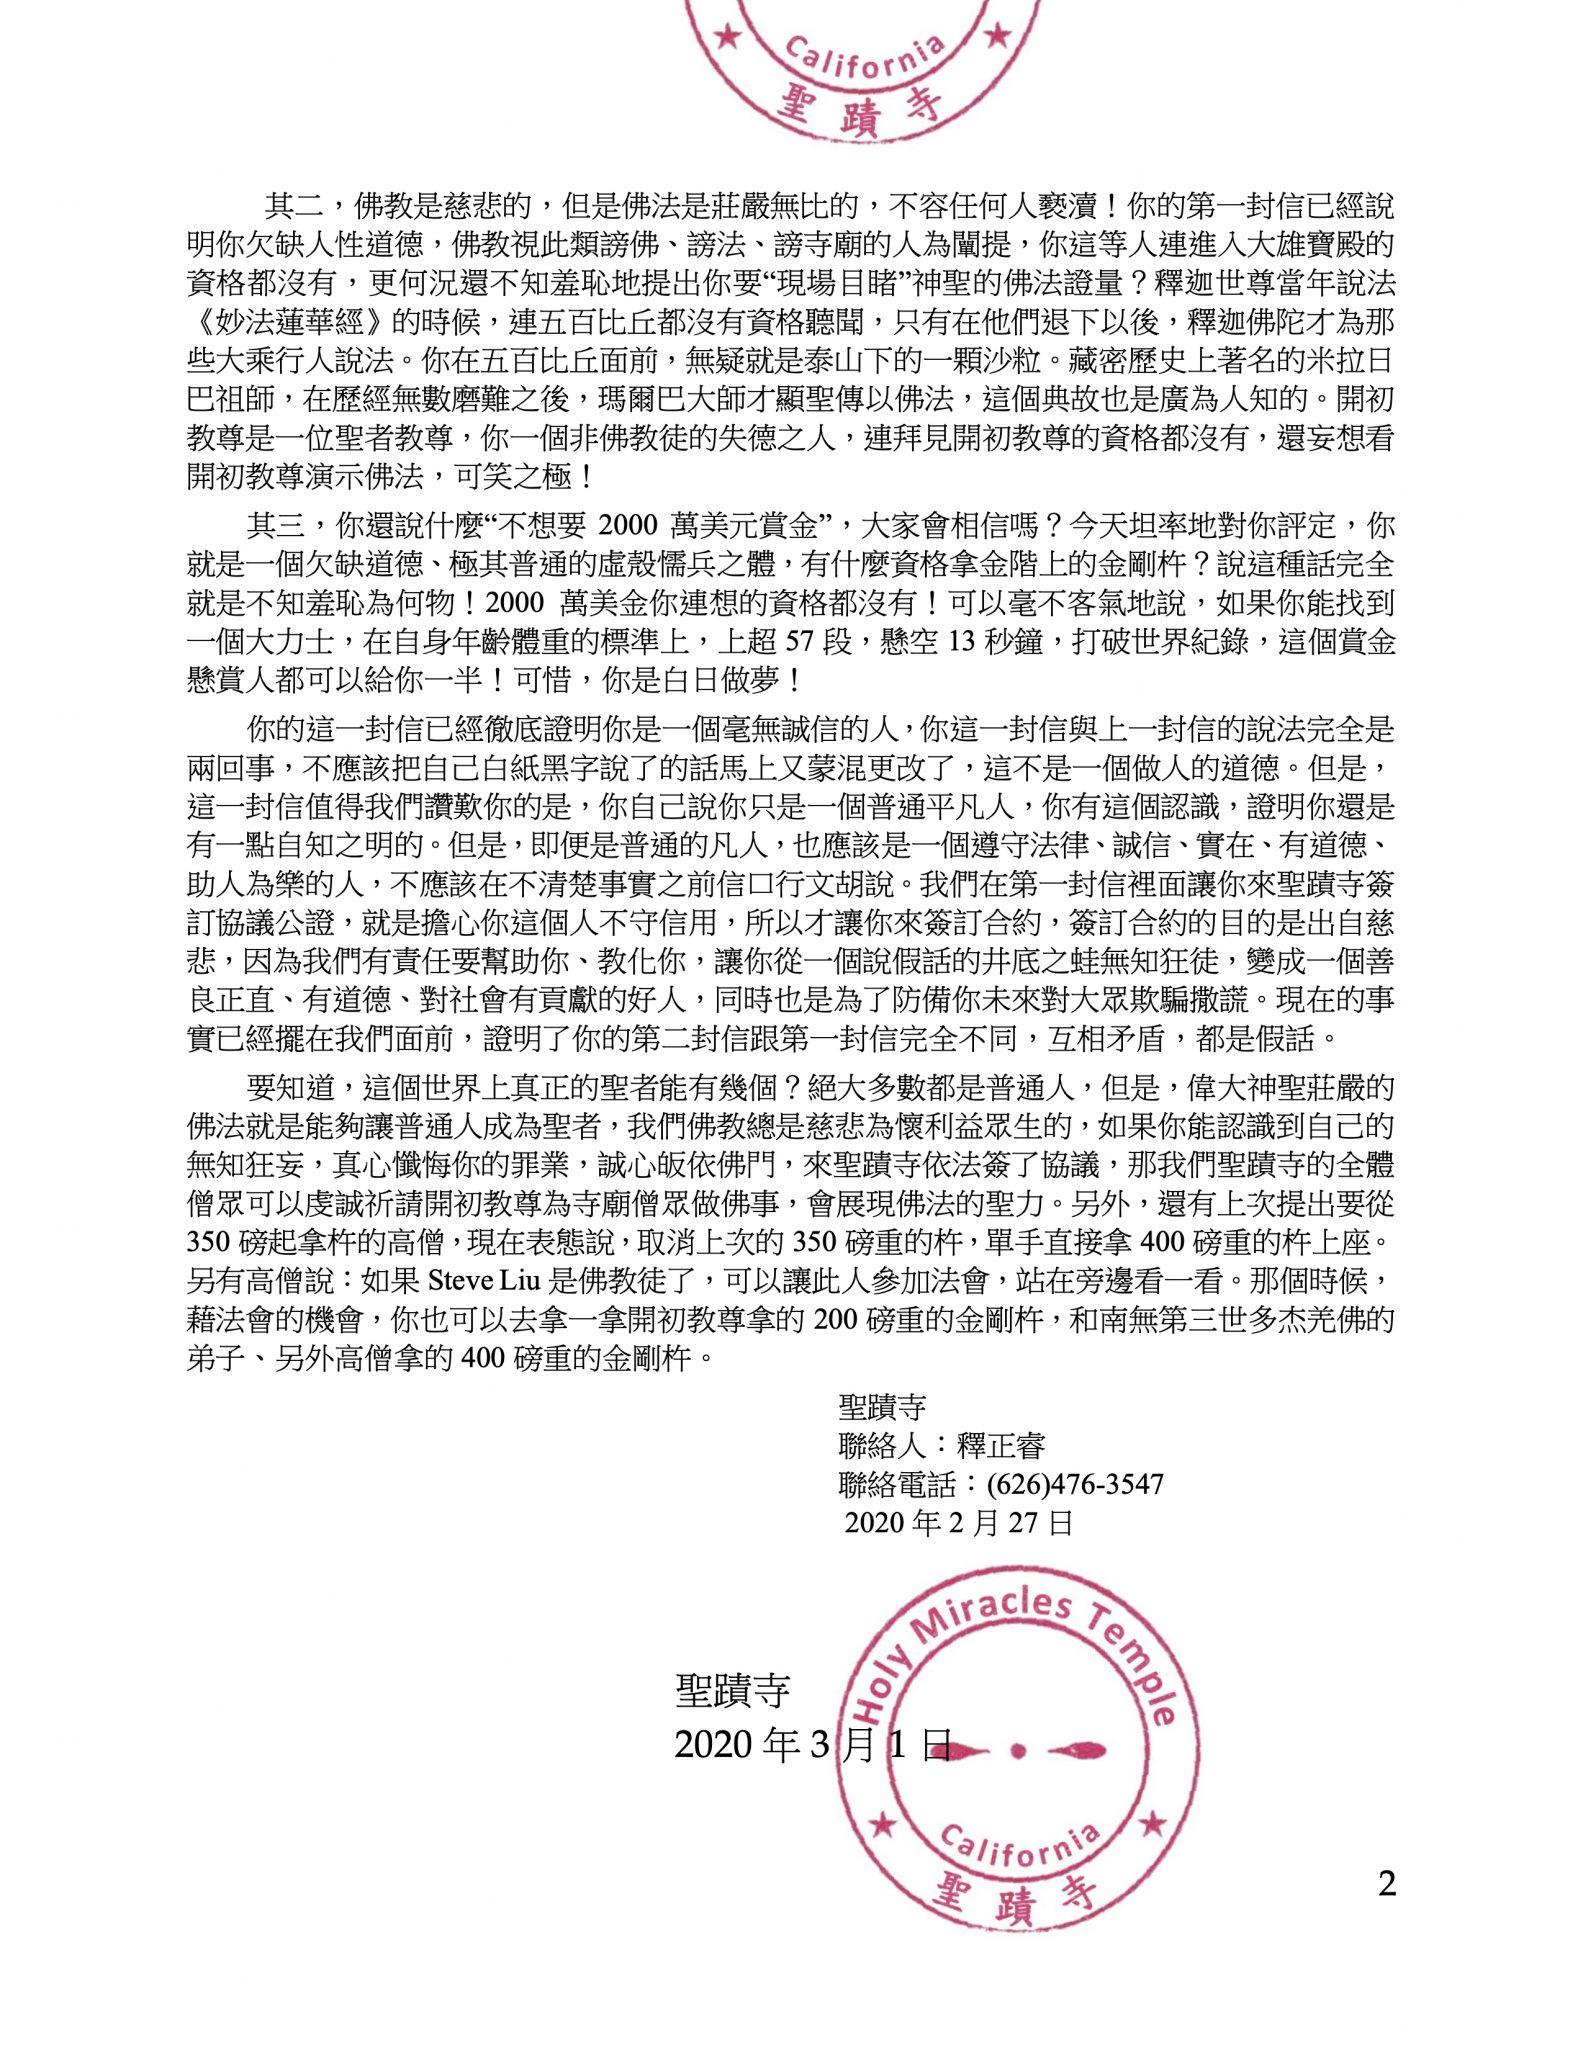 世界佛教總部聖蹟寺公告 2020年03月01日 – 致全體信眾的信